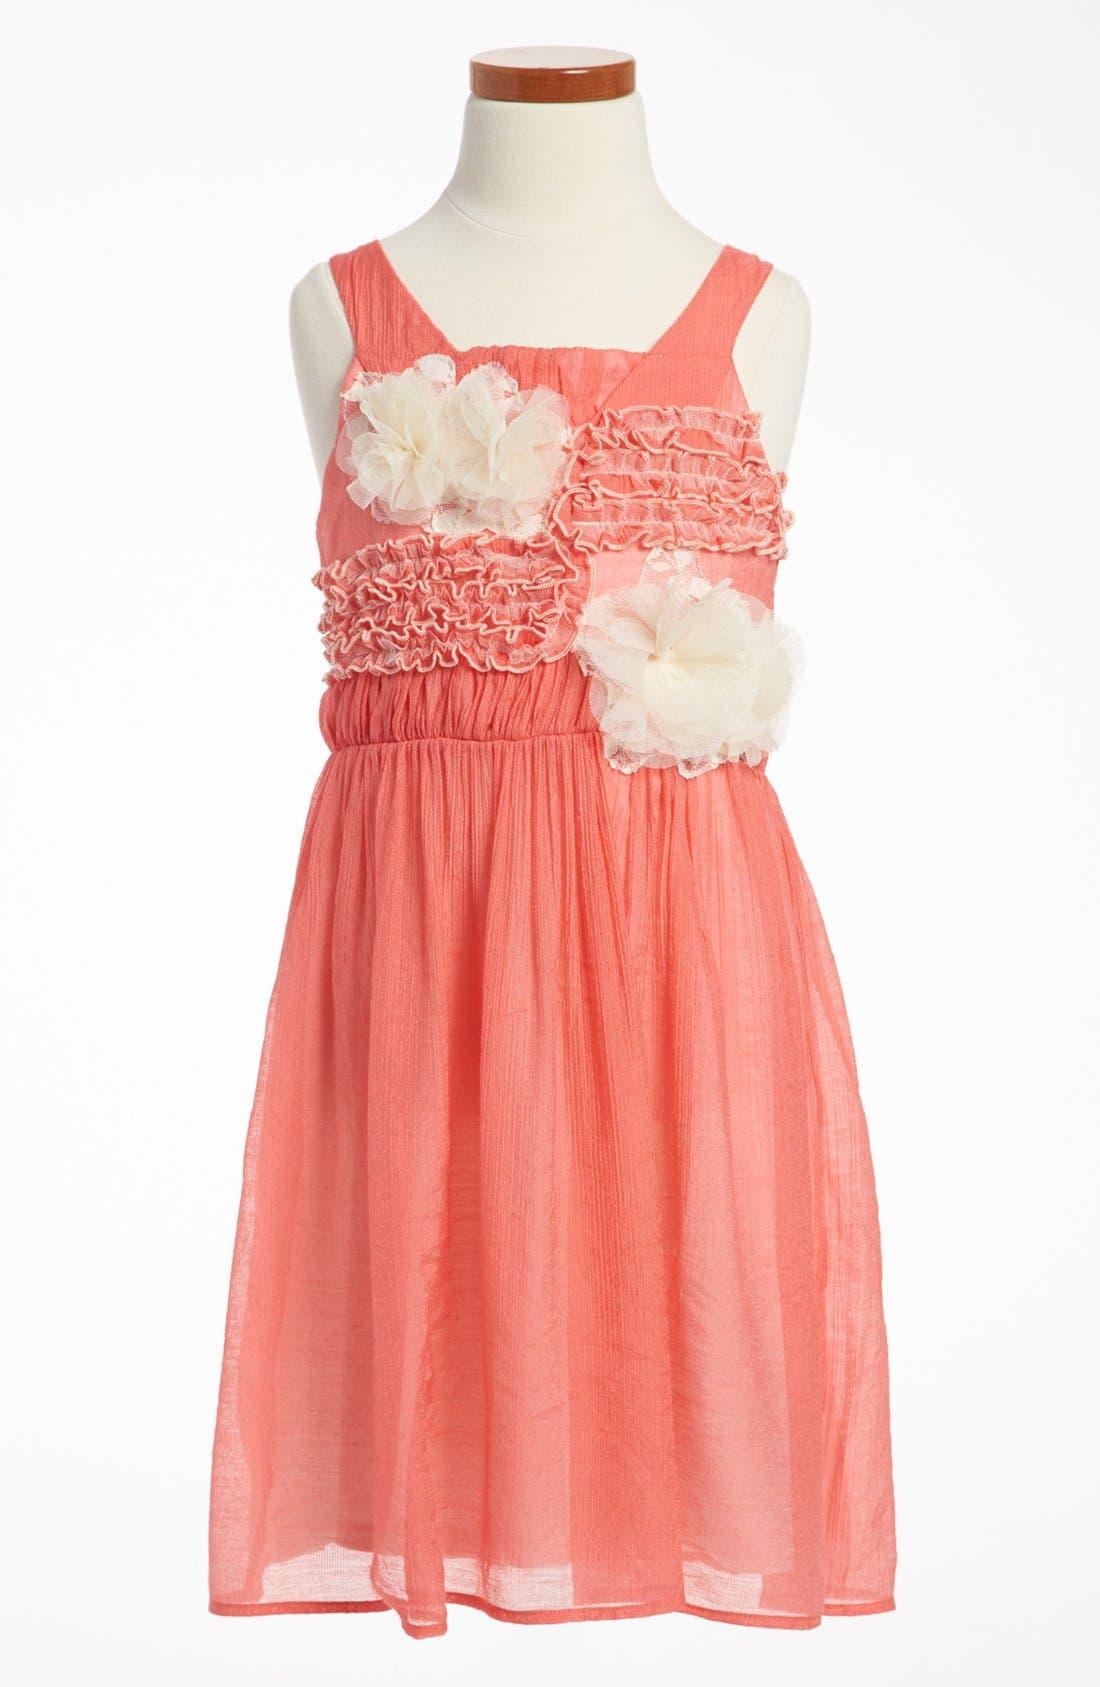 Alternate Image 1 Selected - Isobella & Chloe 'Vicky' Dress (Little Girls & Big Girls)